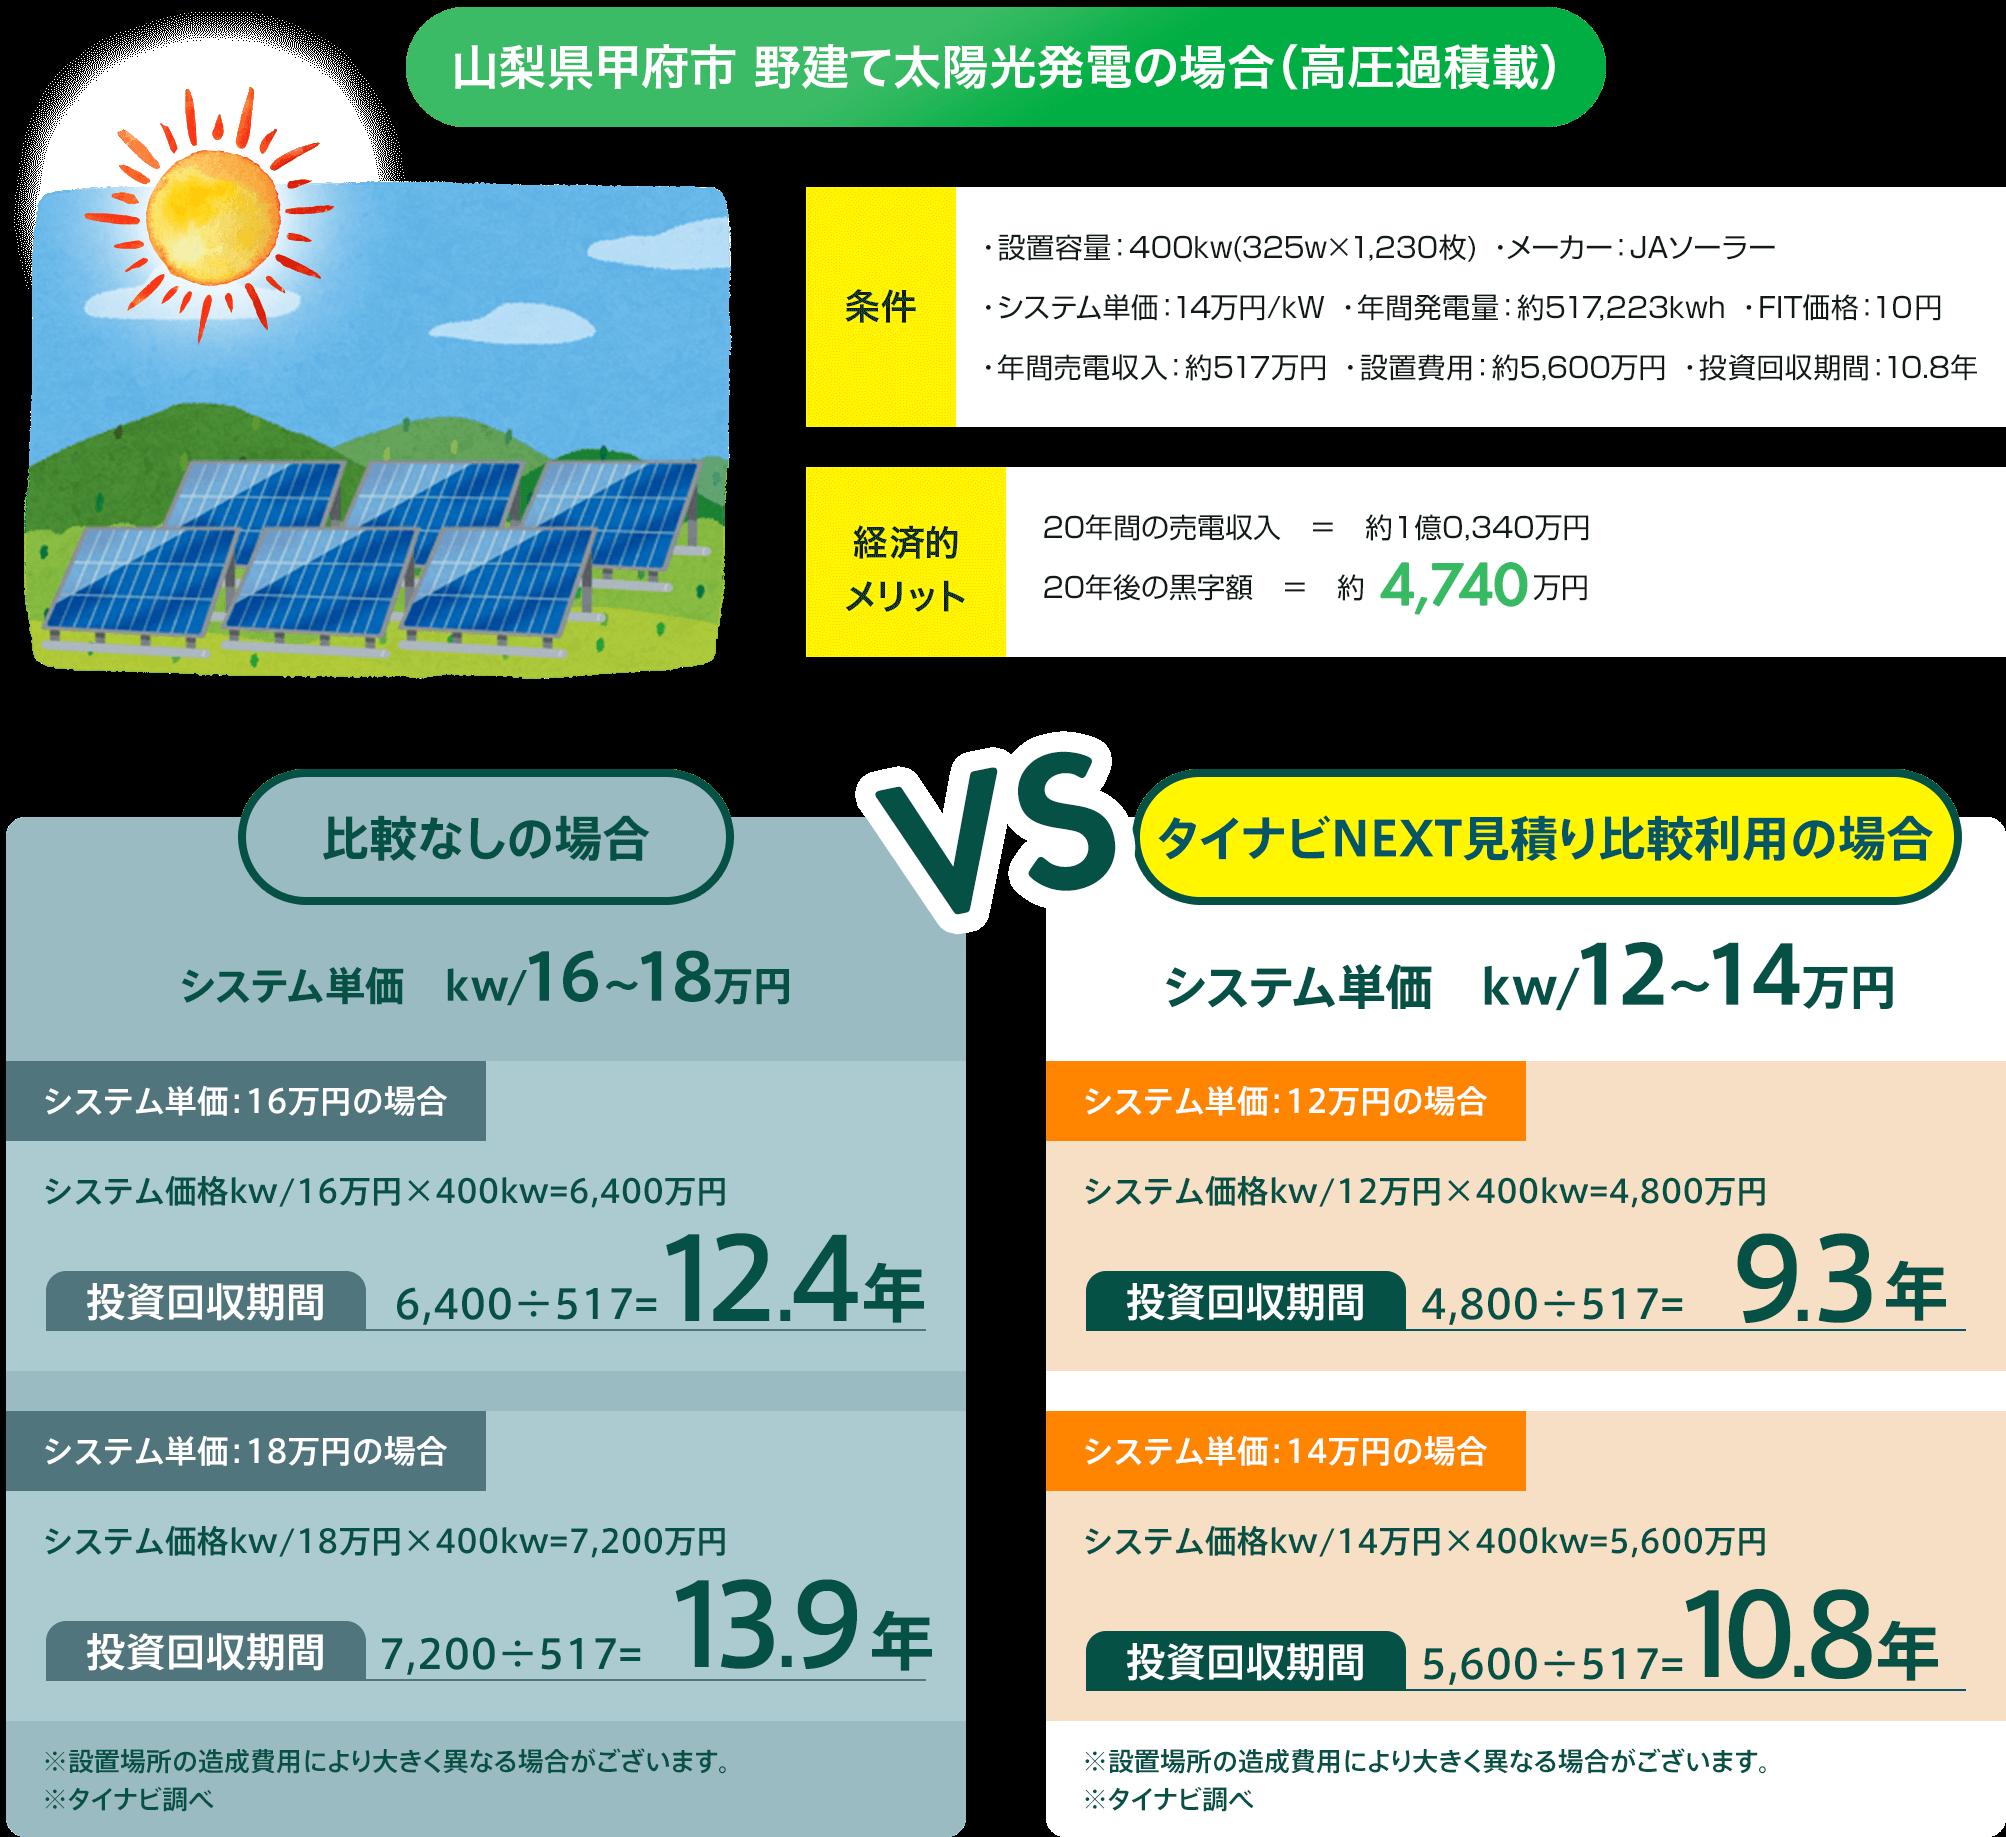 山梨県韮崎市 野建て太陽光発電の場合(高圧)